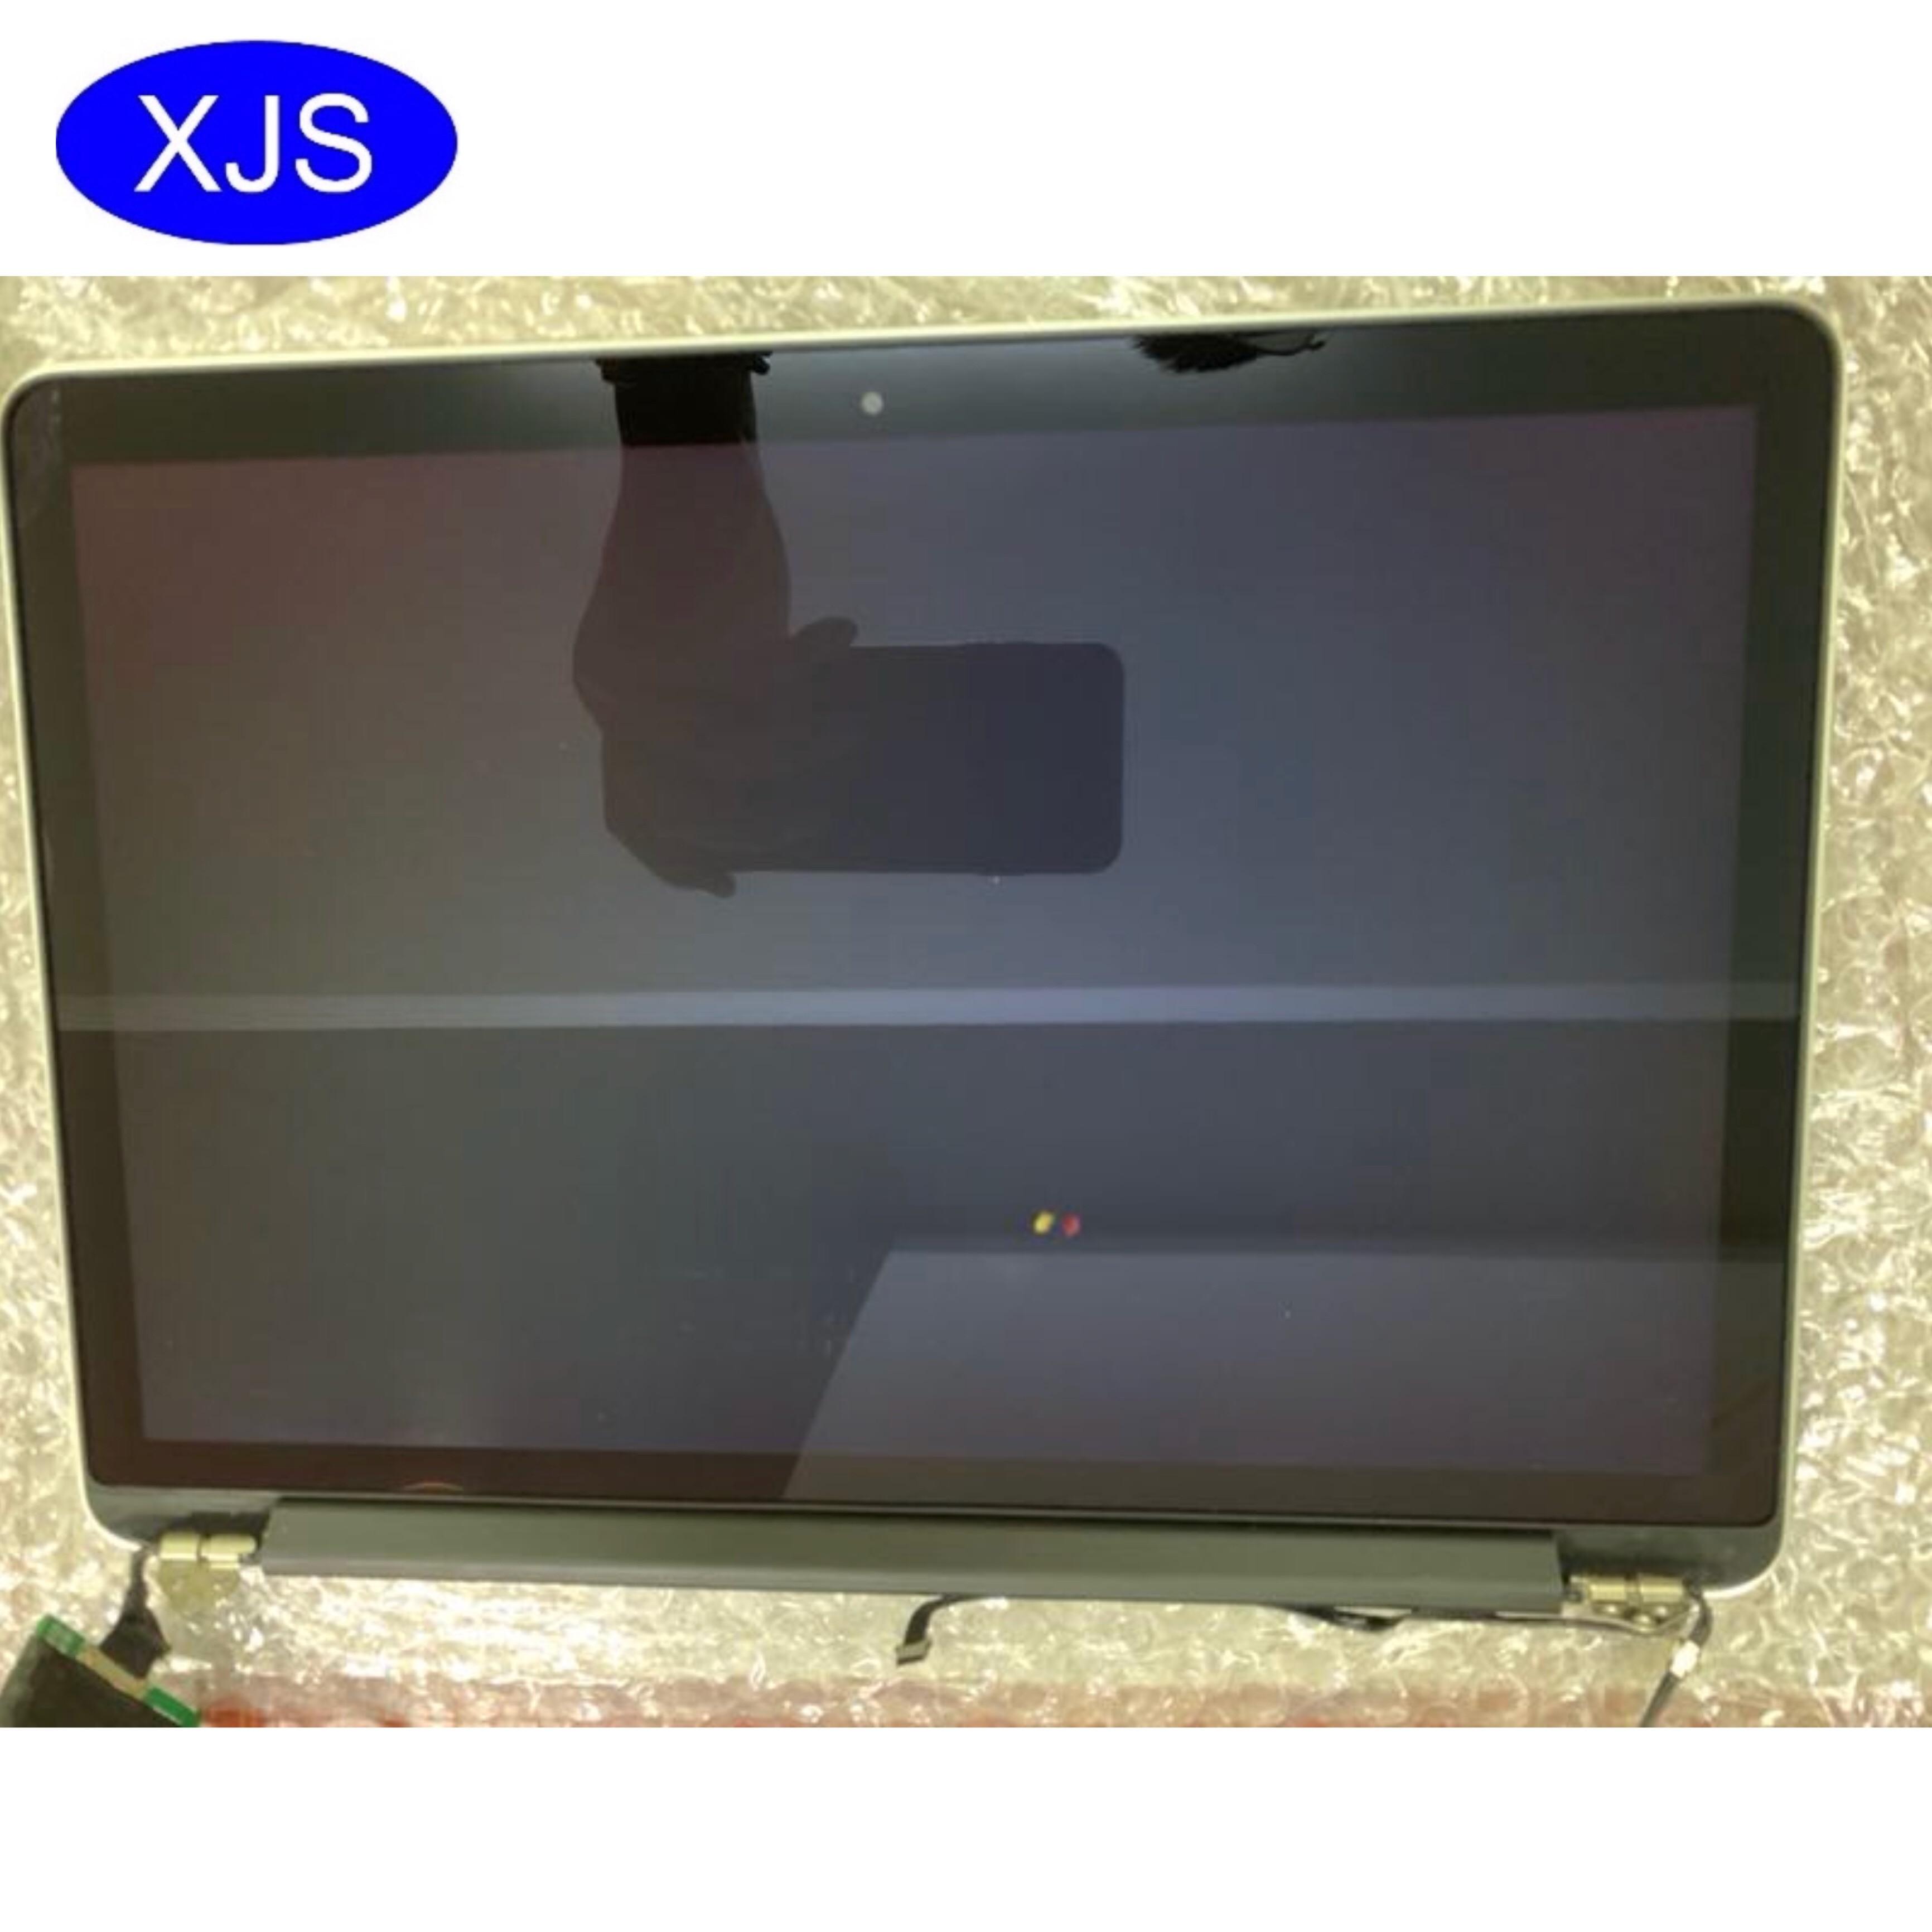 """Assemblage d'écran lcd Original A1398 utilisé pour Macbook Pro Retina 15 """"A1398 assemblage LCD avec un film d'argent 2013-2015"""